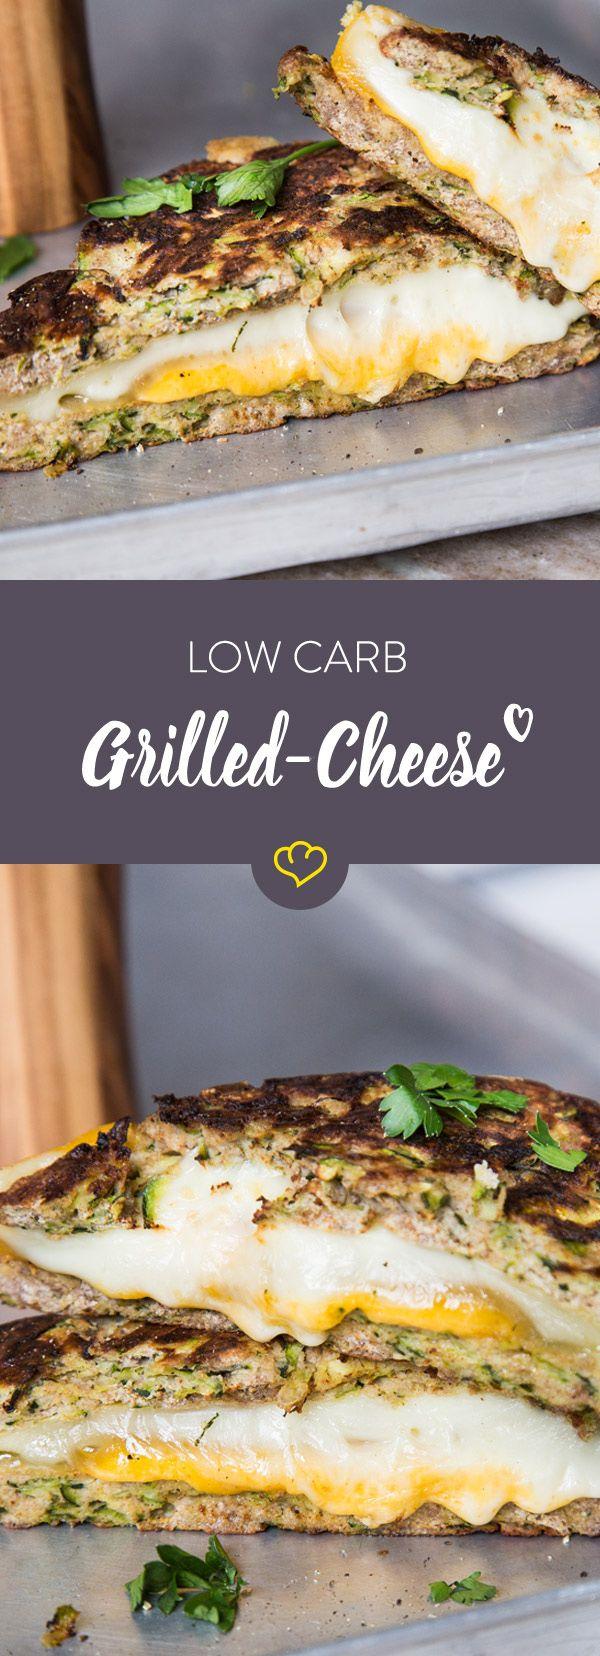 Grilled-Cheese-Sandwich ohne Kohlenhydrate? Zucchini macht's möglich. Mit Kokosmehl, Ei und Mandeln wird sie zum Low-Carb-Toast für deinen Käse.